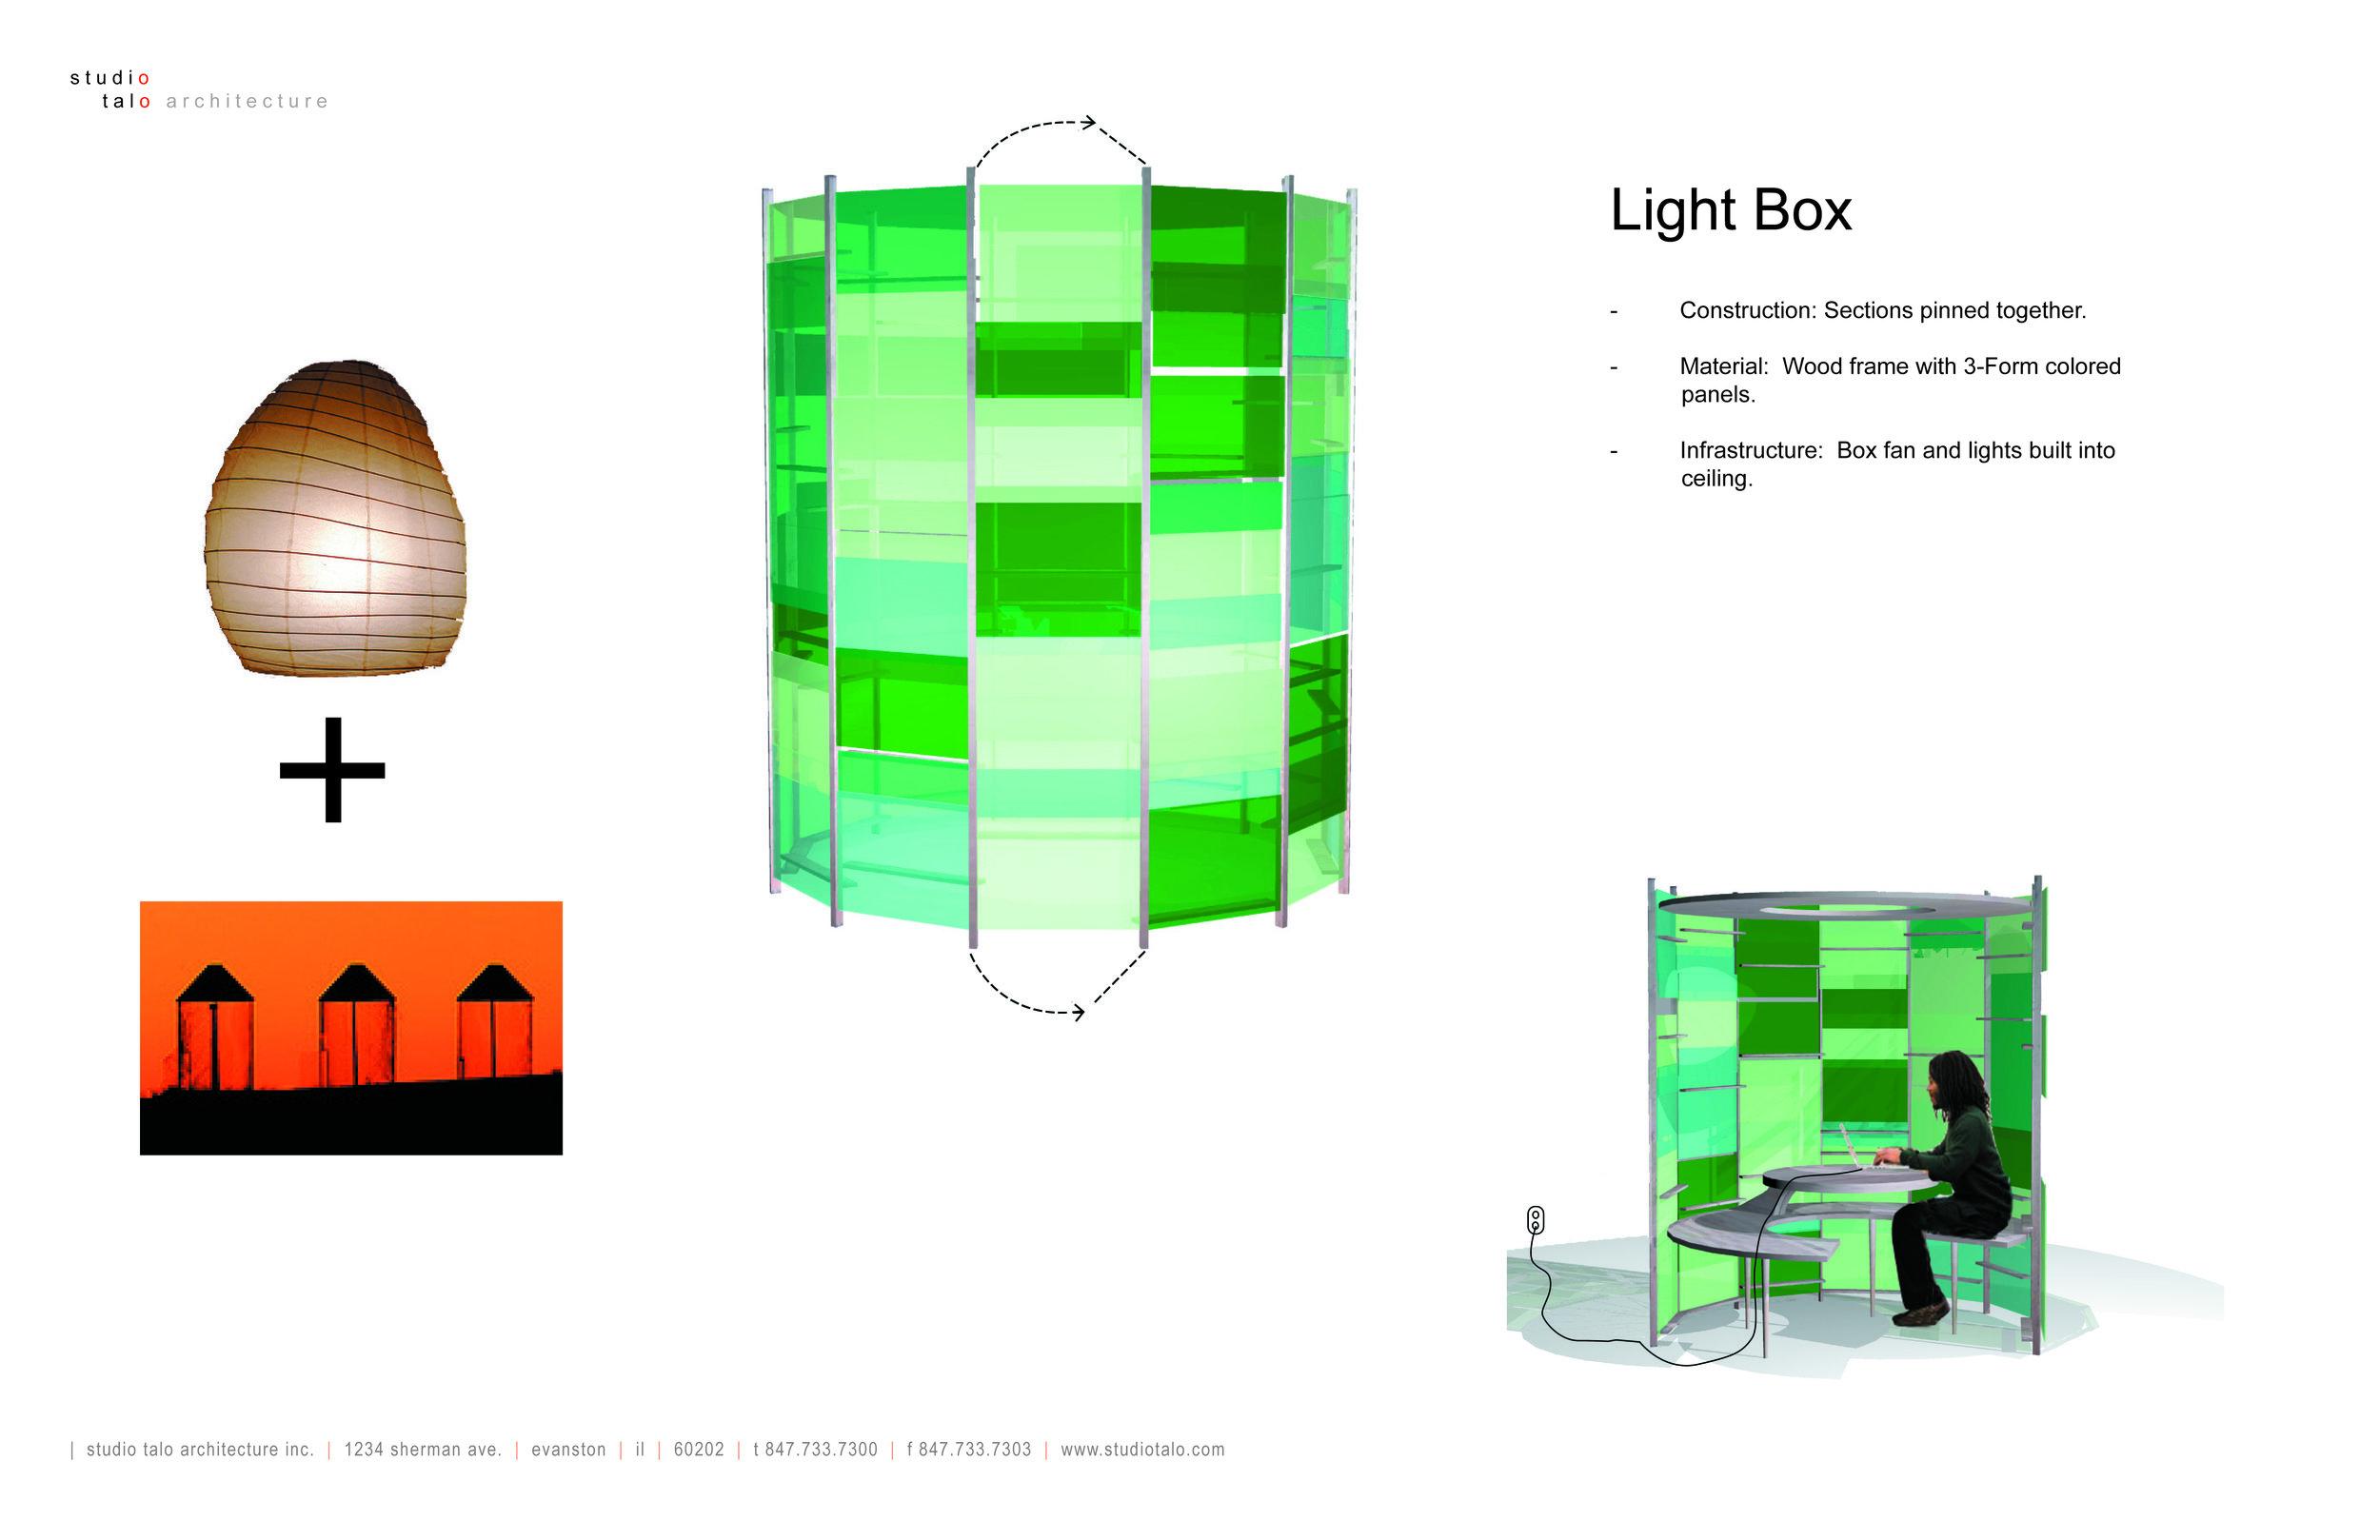 15_Letters_Rendering_Pod_Light.jpg